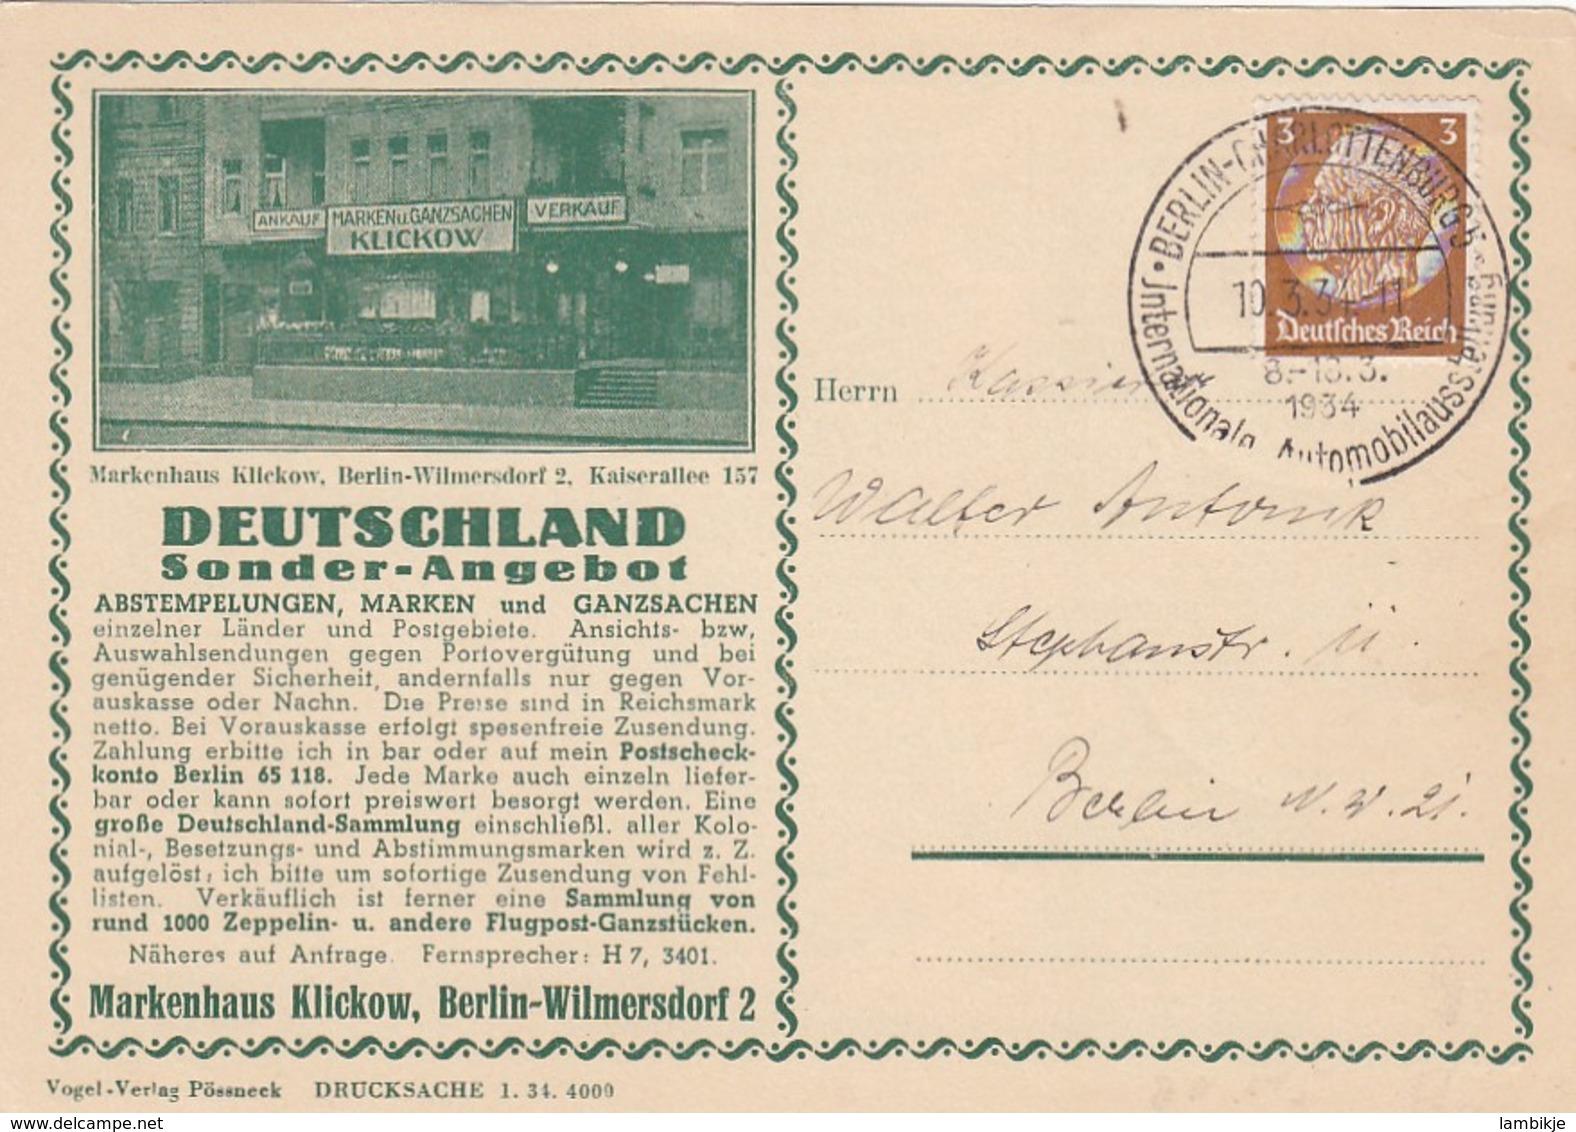 Deutsches Reich Postkarte 1934 - Deutschland